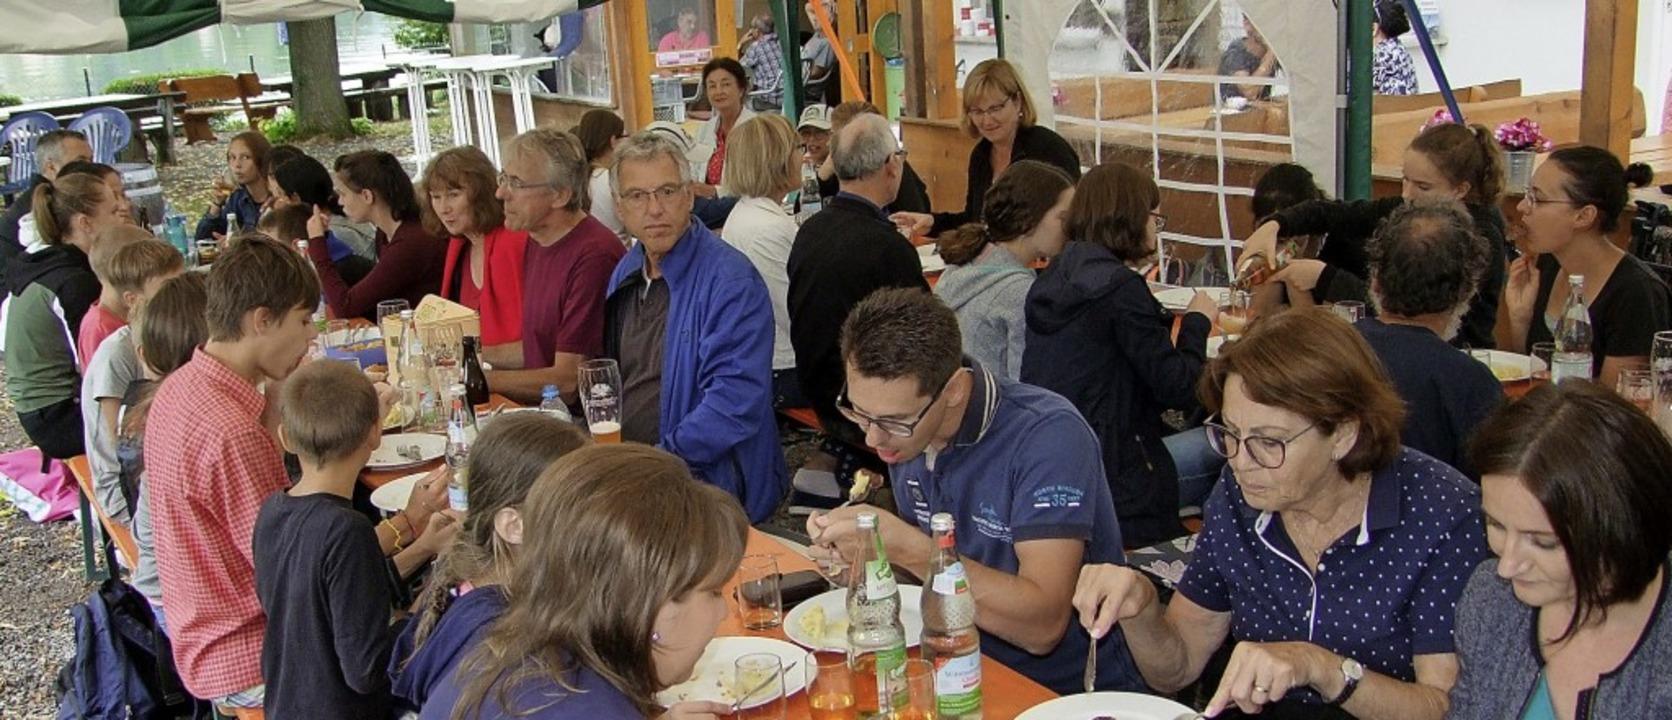 Zum Abschluss ihres vierwöchigen Aufen...kunft für Ritschow organisiert haben.   | Foto: Sabine Gems-Thoma